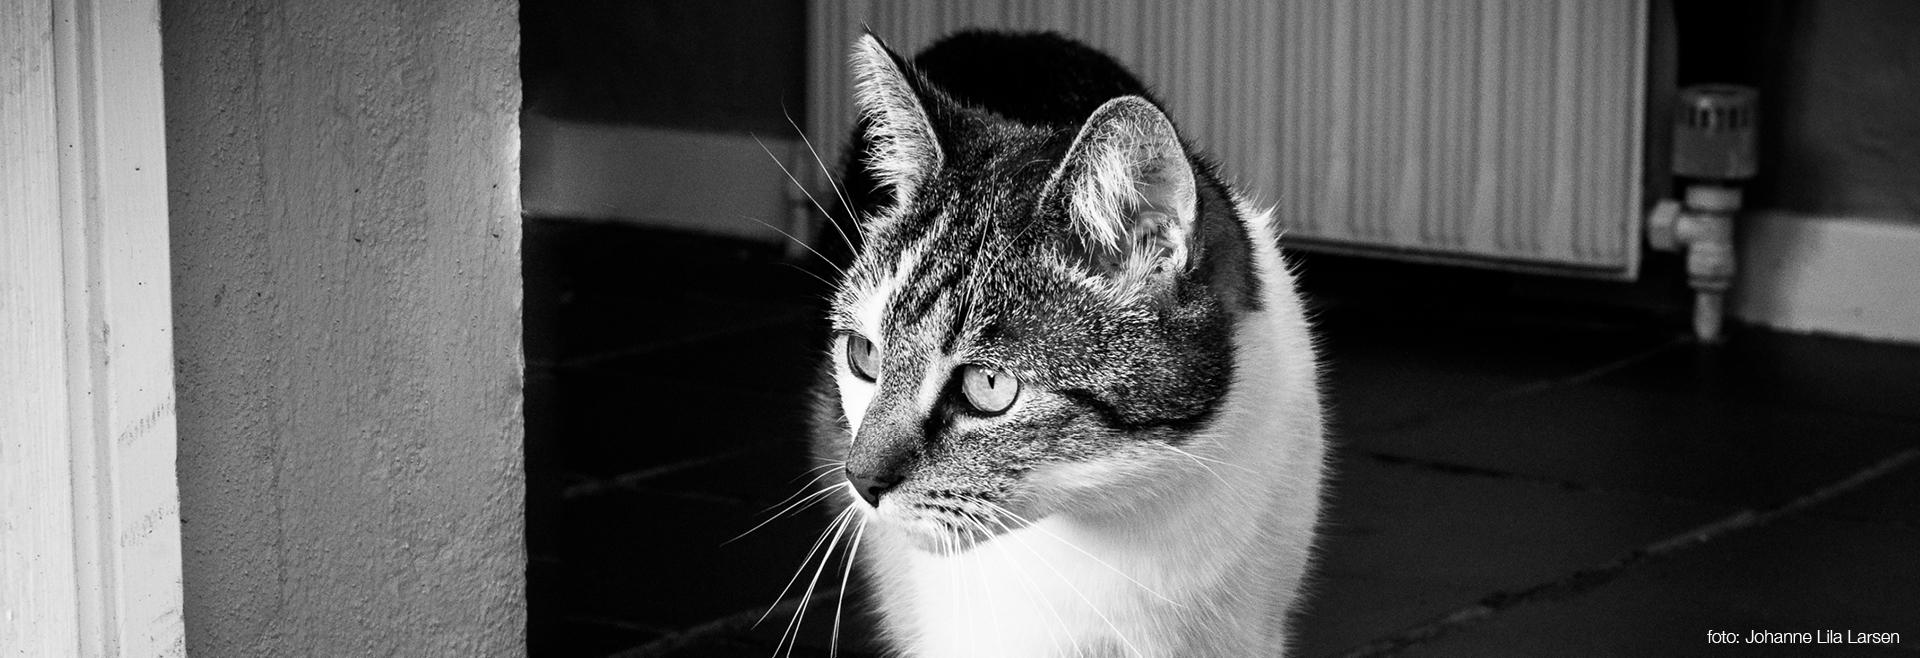 housesitting og feriepasning af hus og dyr